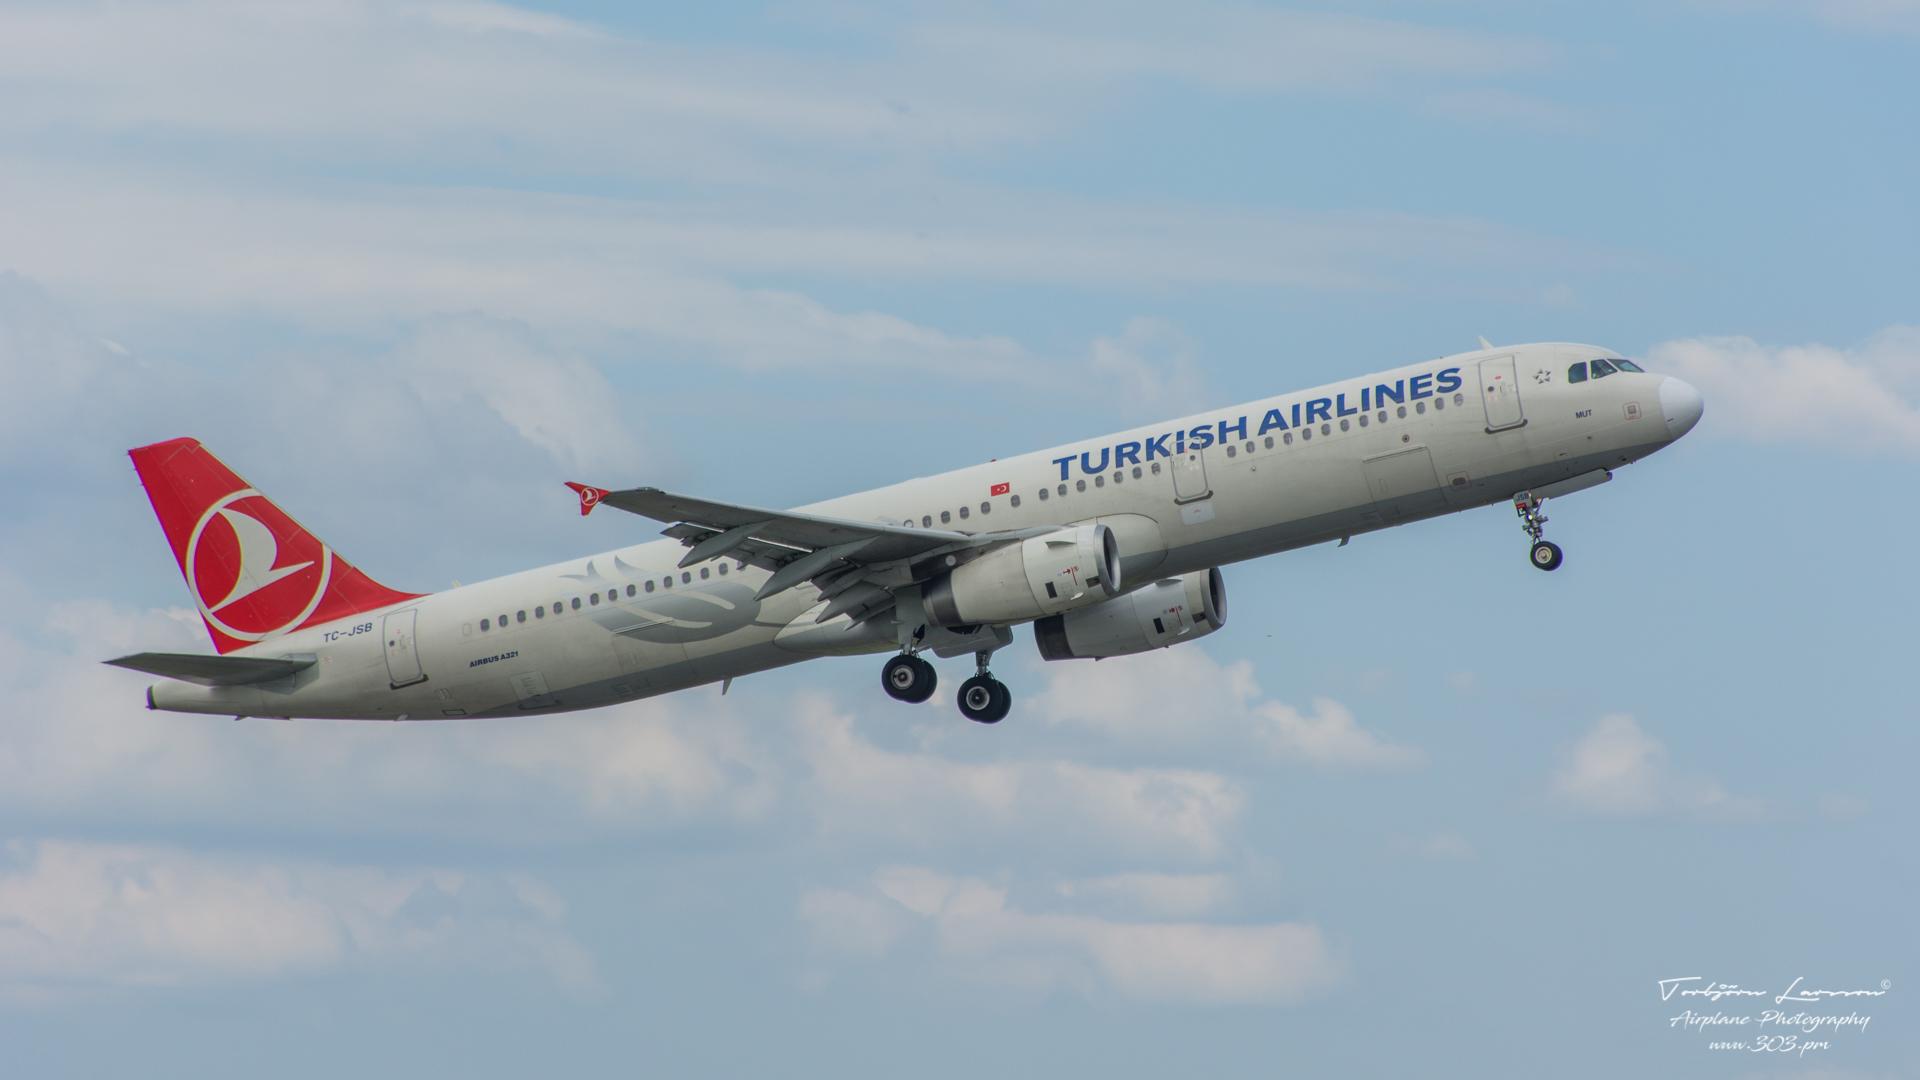 TBE_8143-Airbus A321-231 - Turkish Airlines - (TC-JSB)